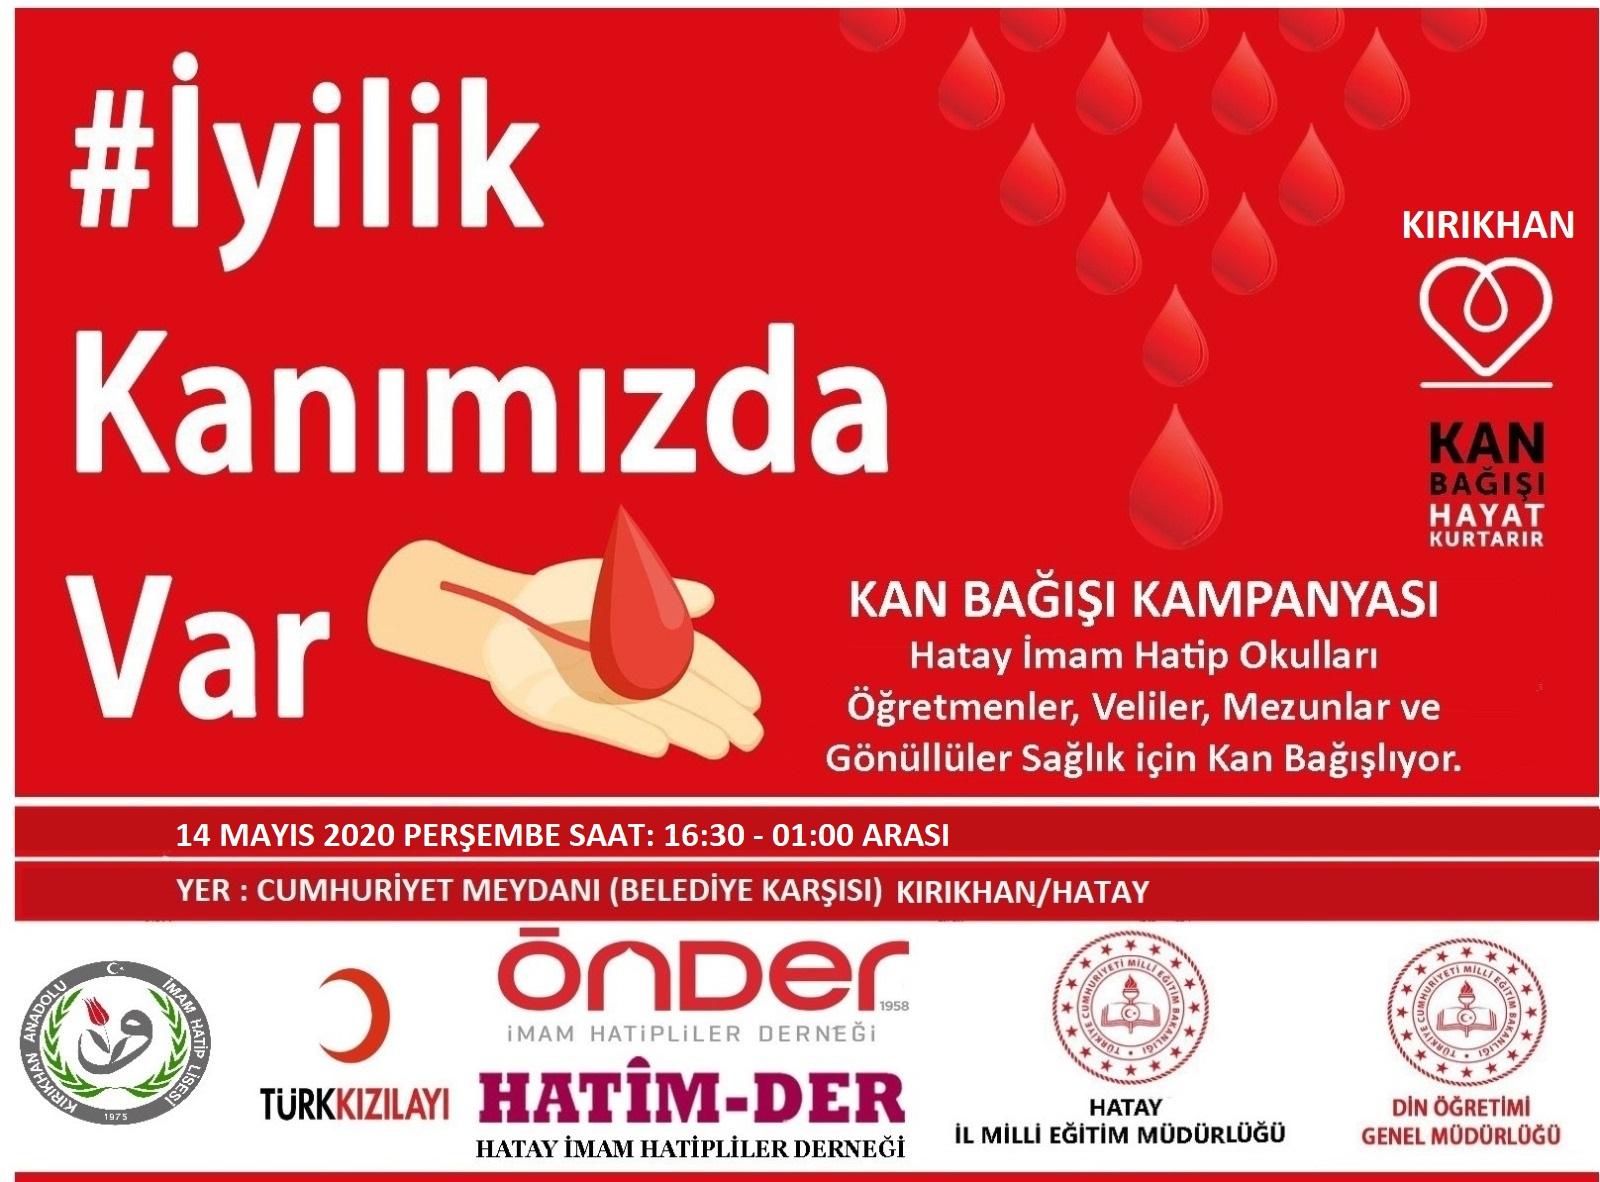 'İYİLİK KANIMIZDA VAR'